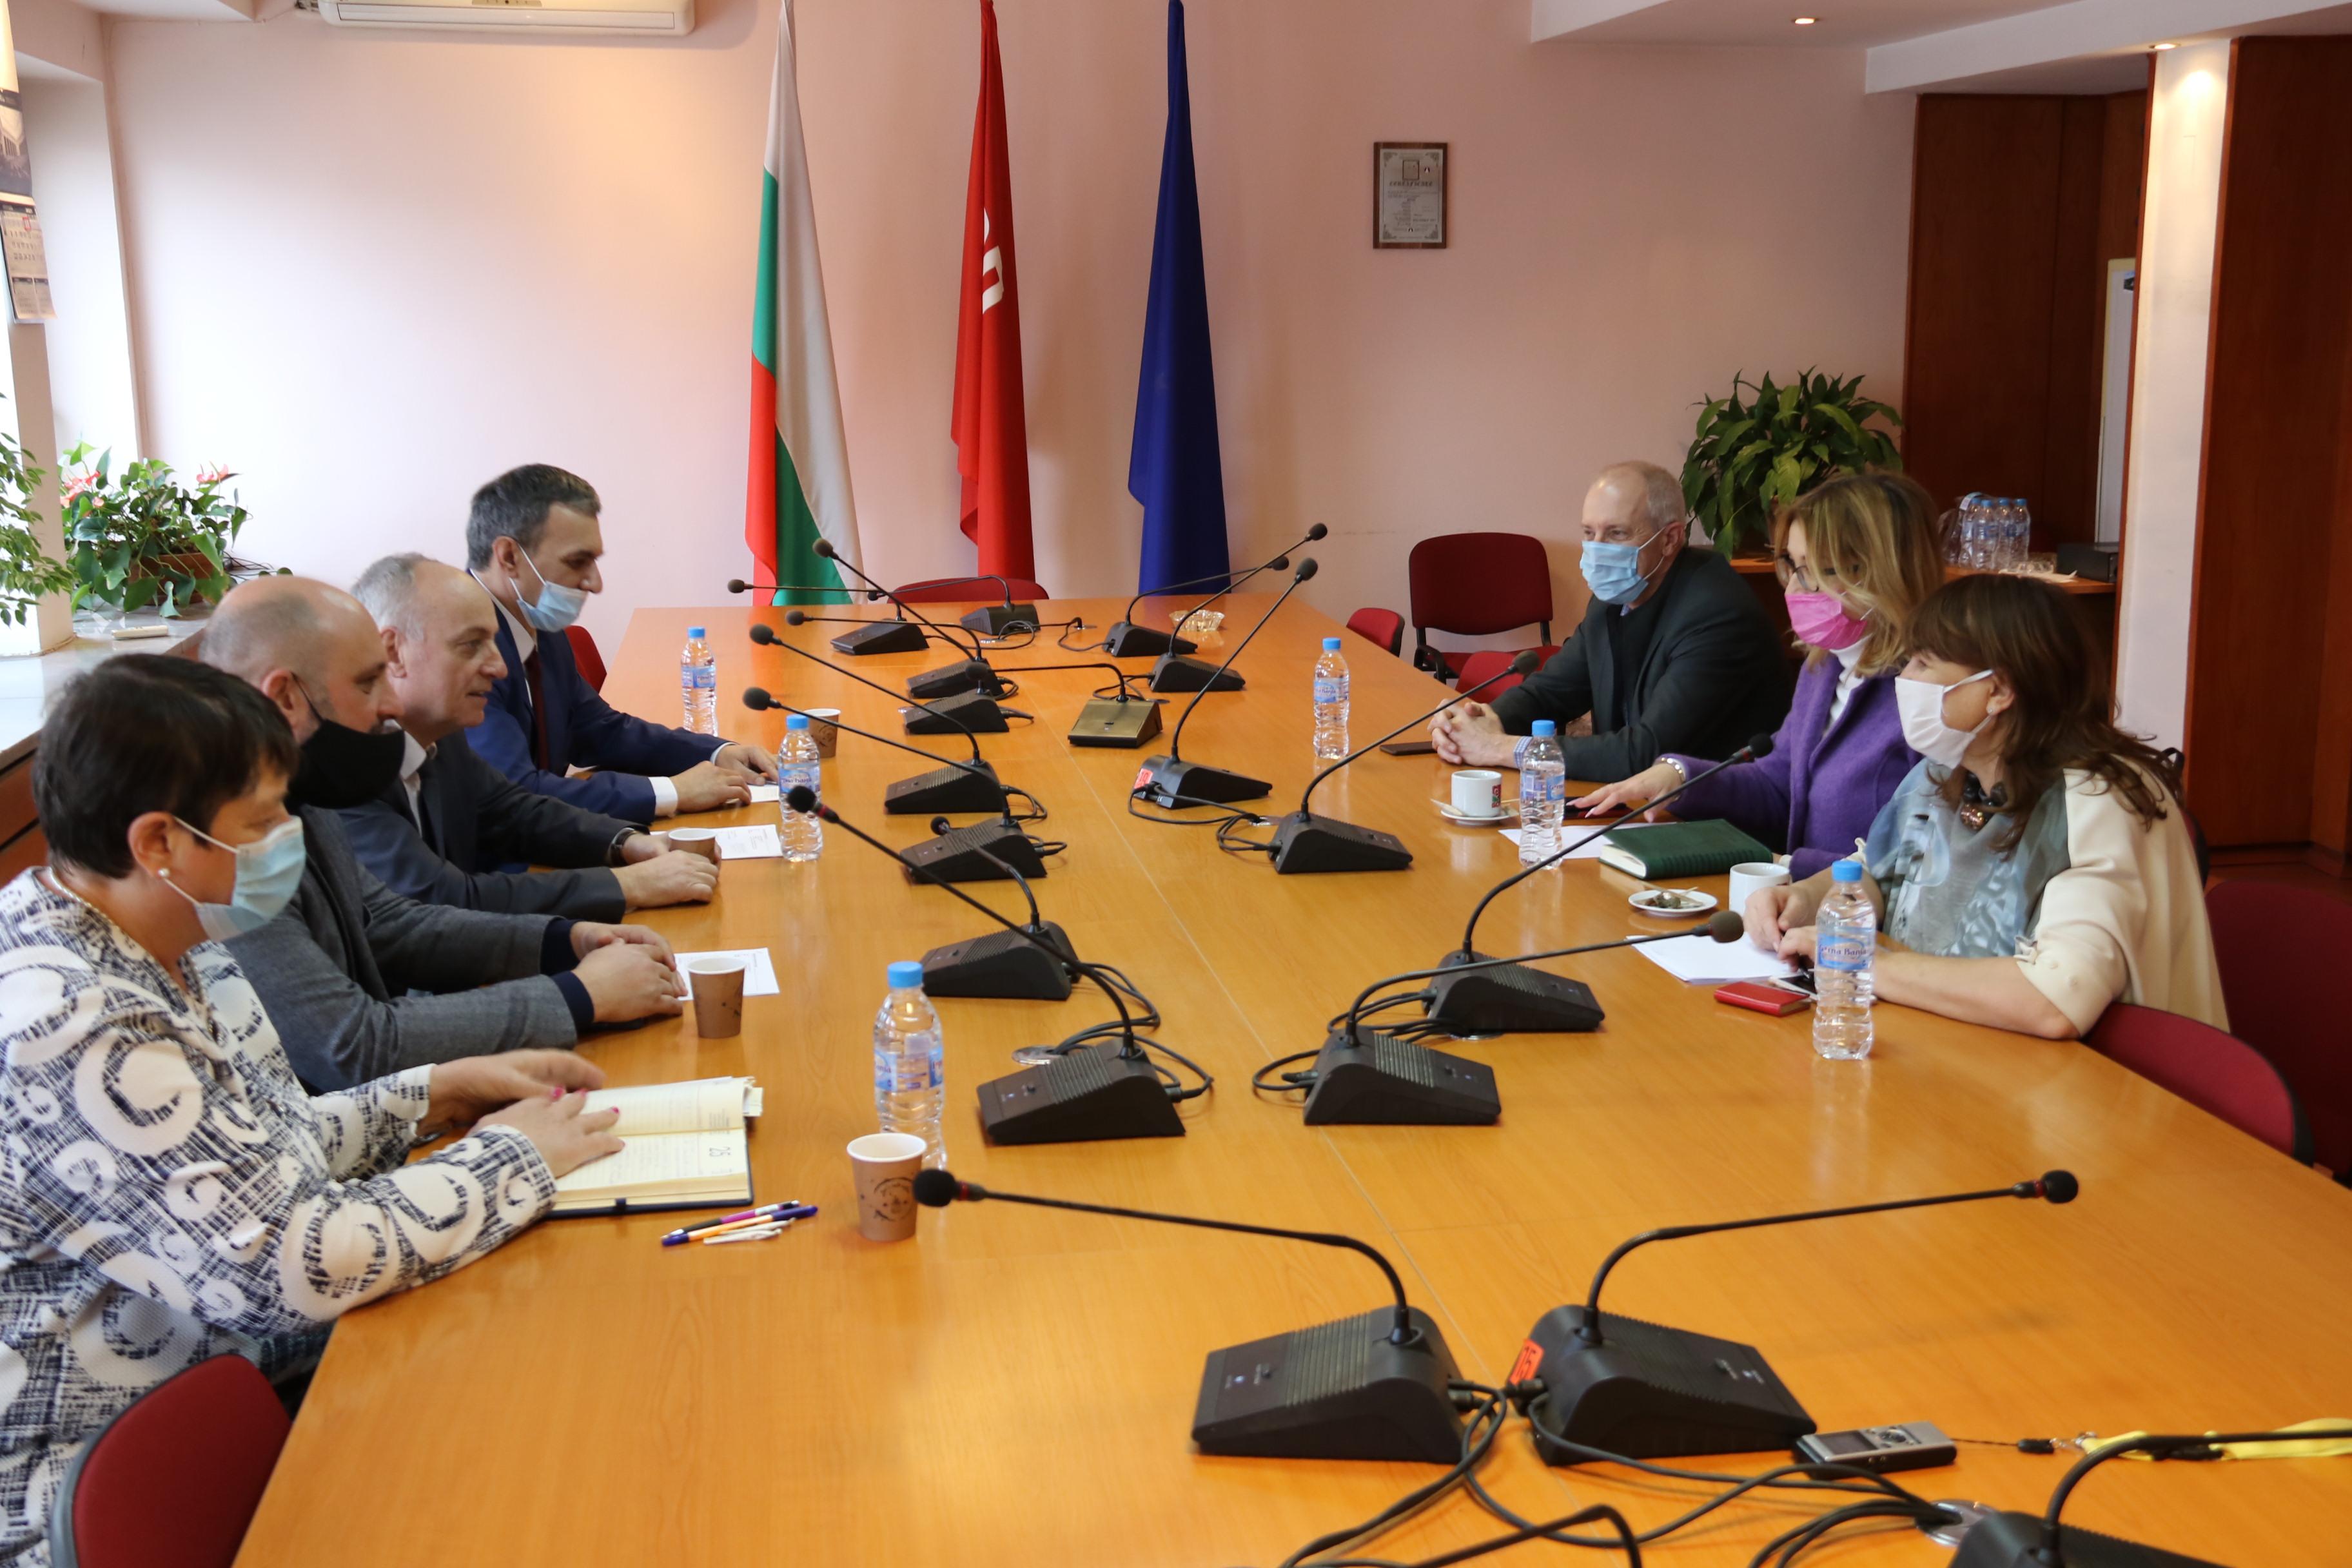 Народните представителиот БСП доц. Георги Йорданов, зам.-председател на Здравната комисия